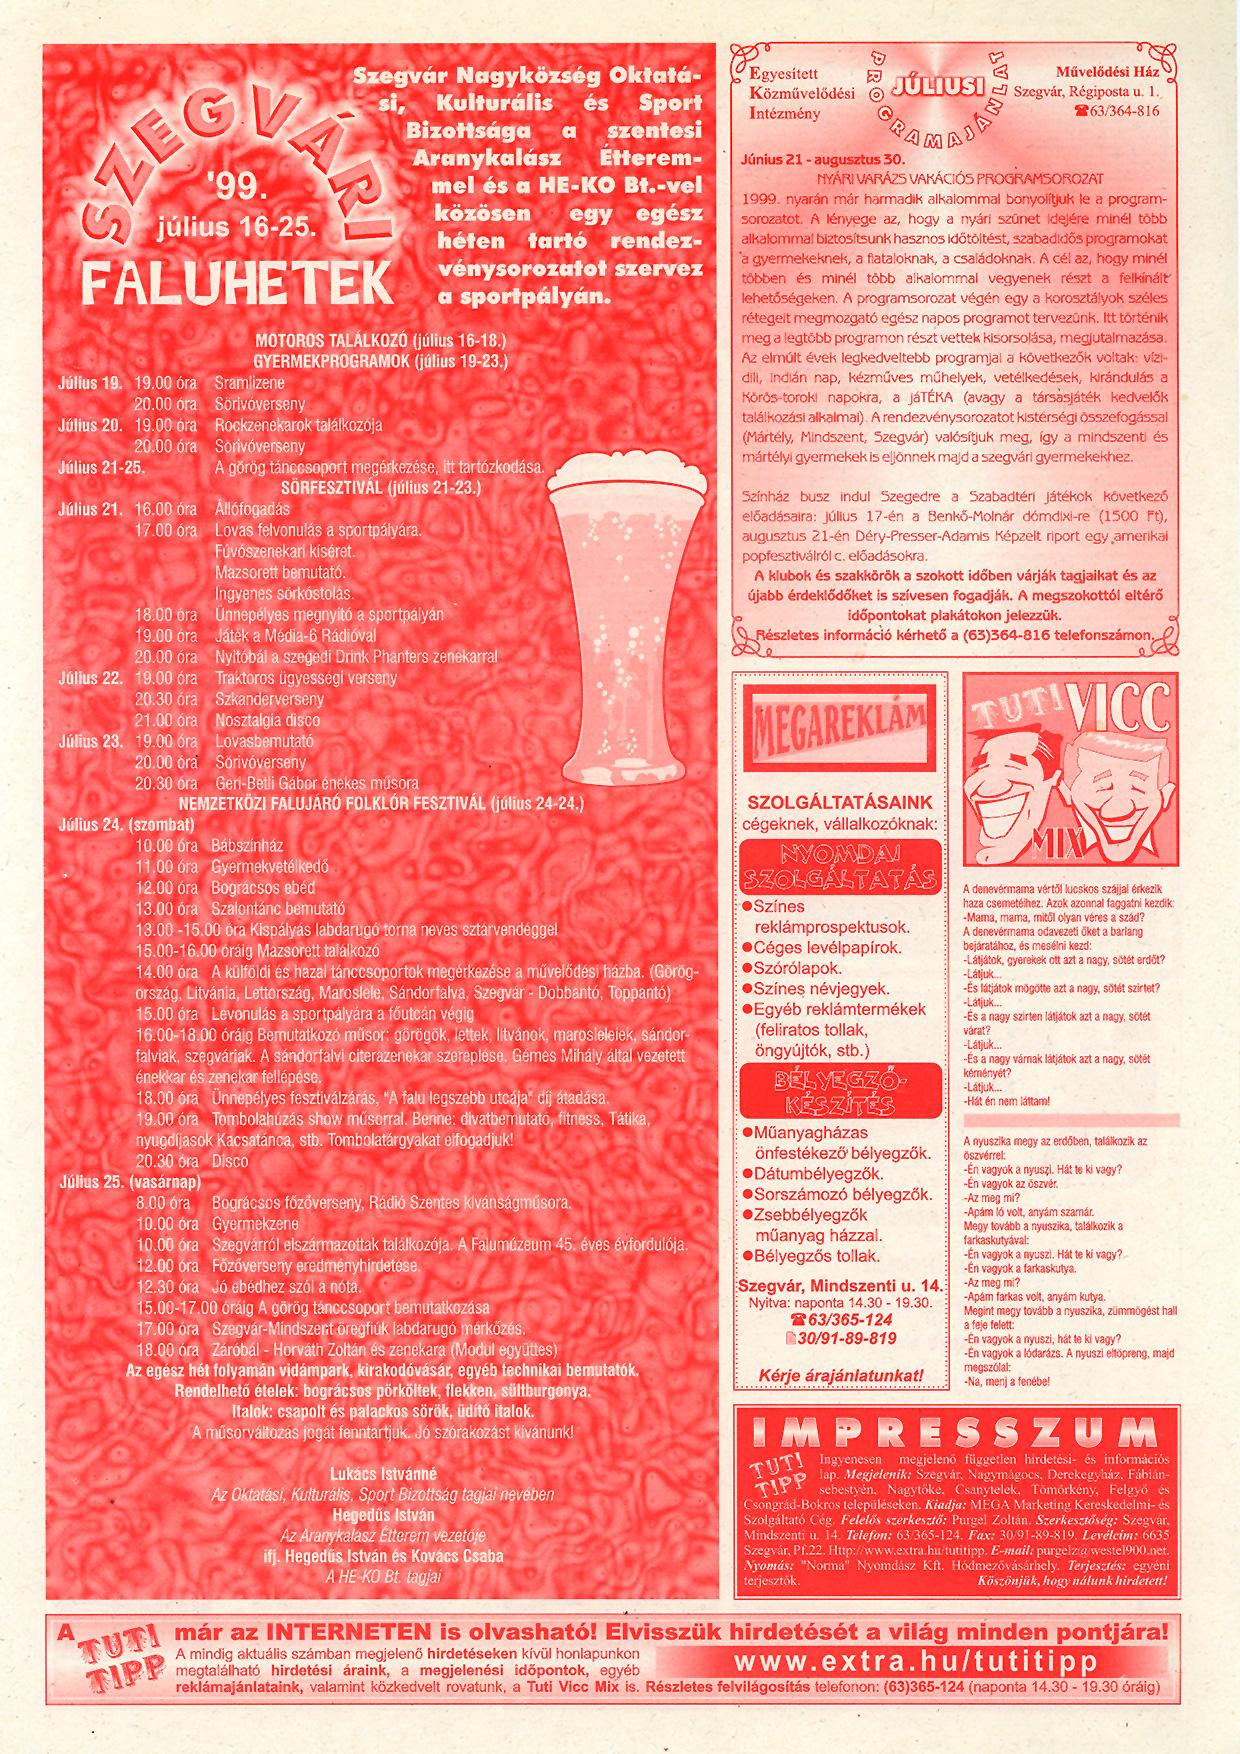 030 Tuti Tipp reklámújság - 19990710-124. lapszám - 2.oldal - V. évfolyam.jpg